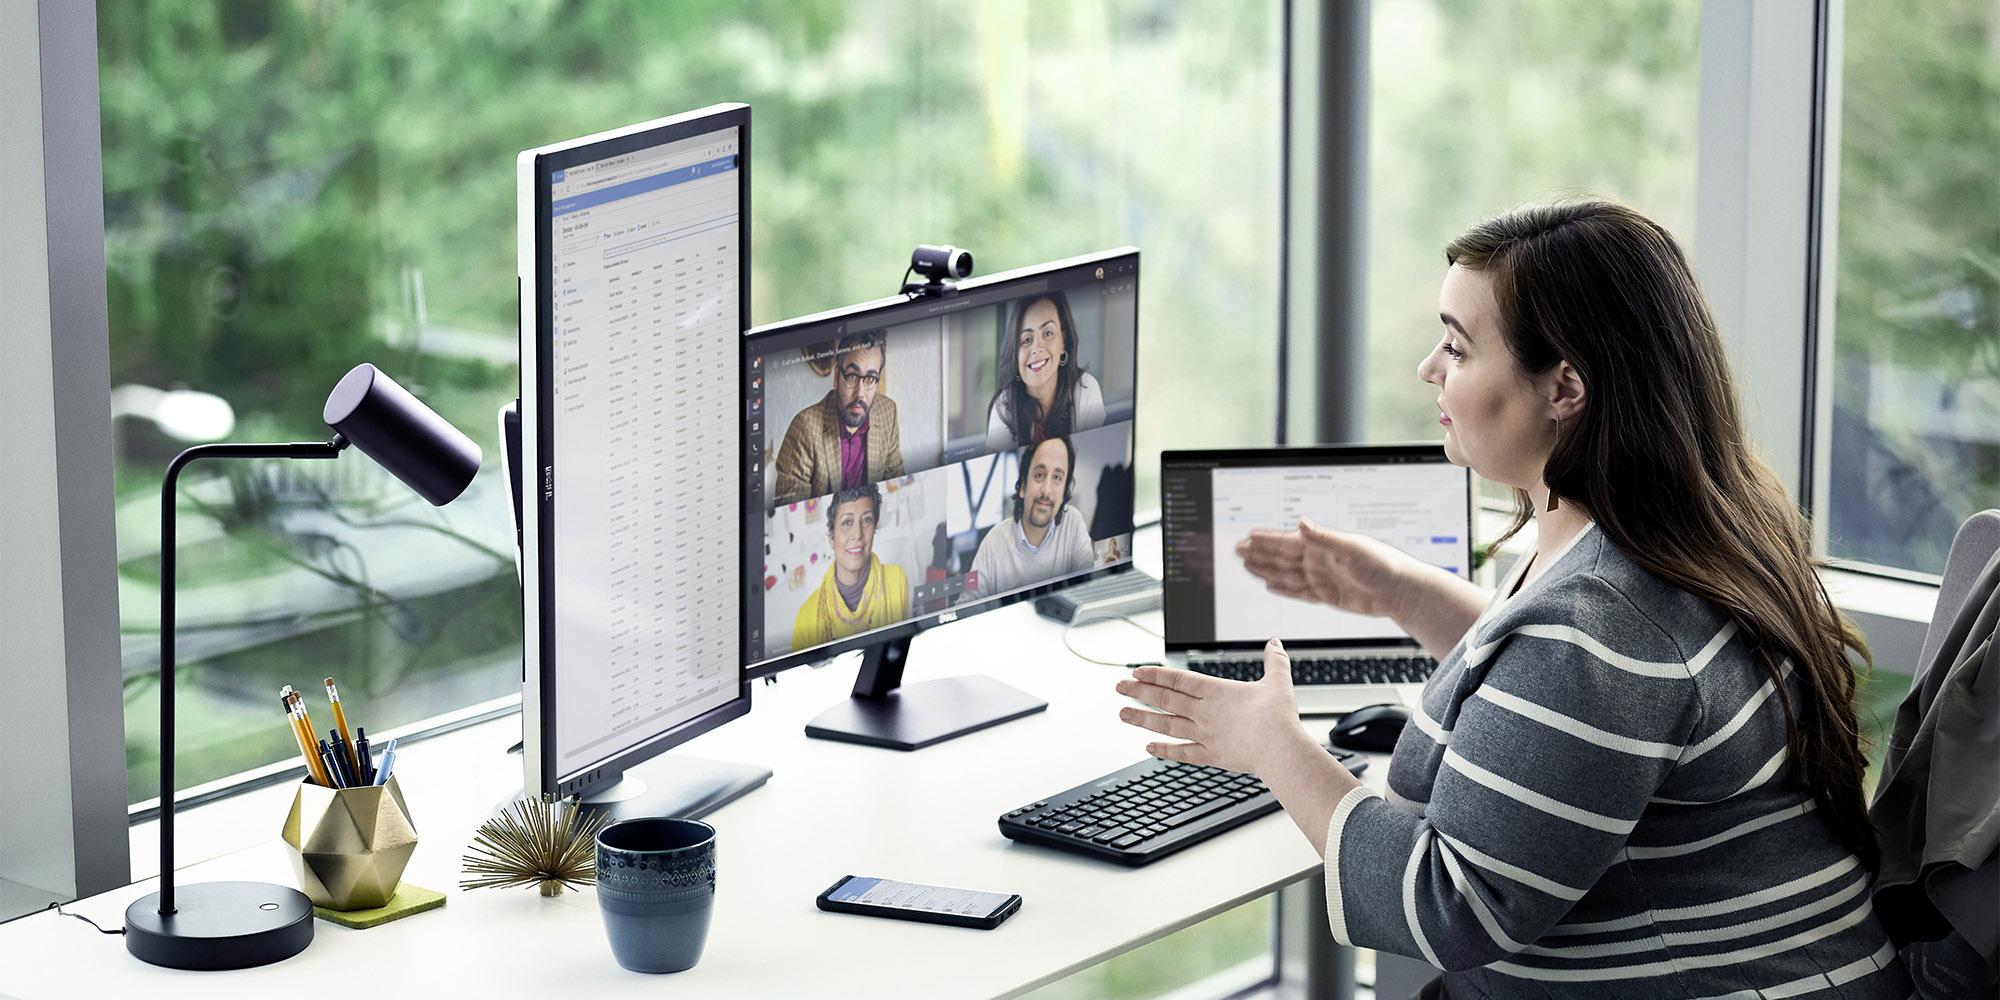 henkilö istuu työpöydällä olevan kannettavan tietokoneen ääressä